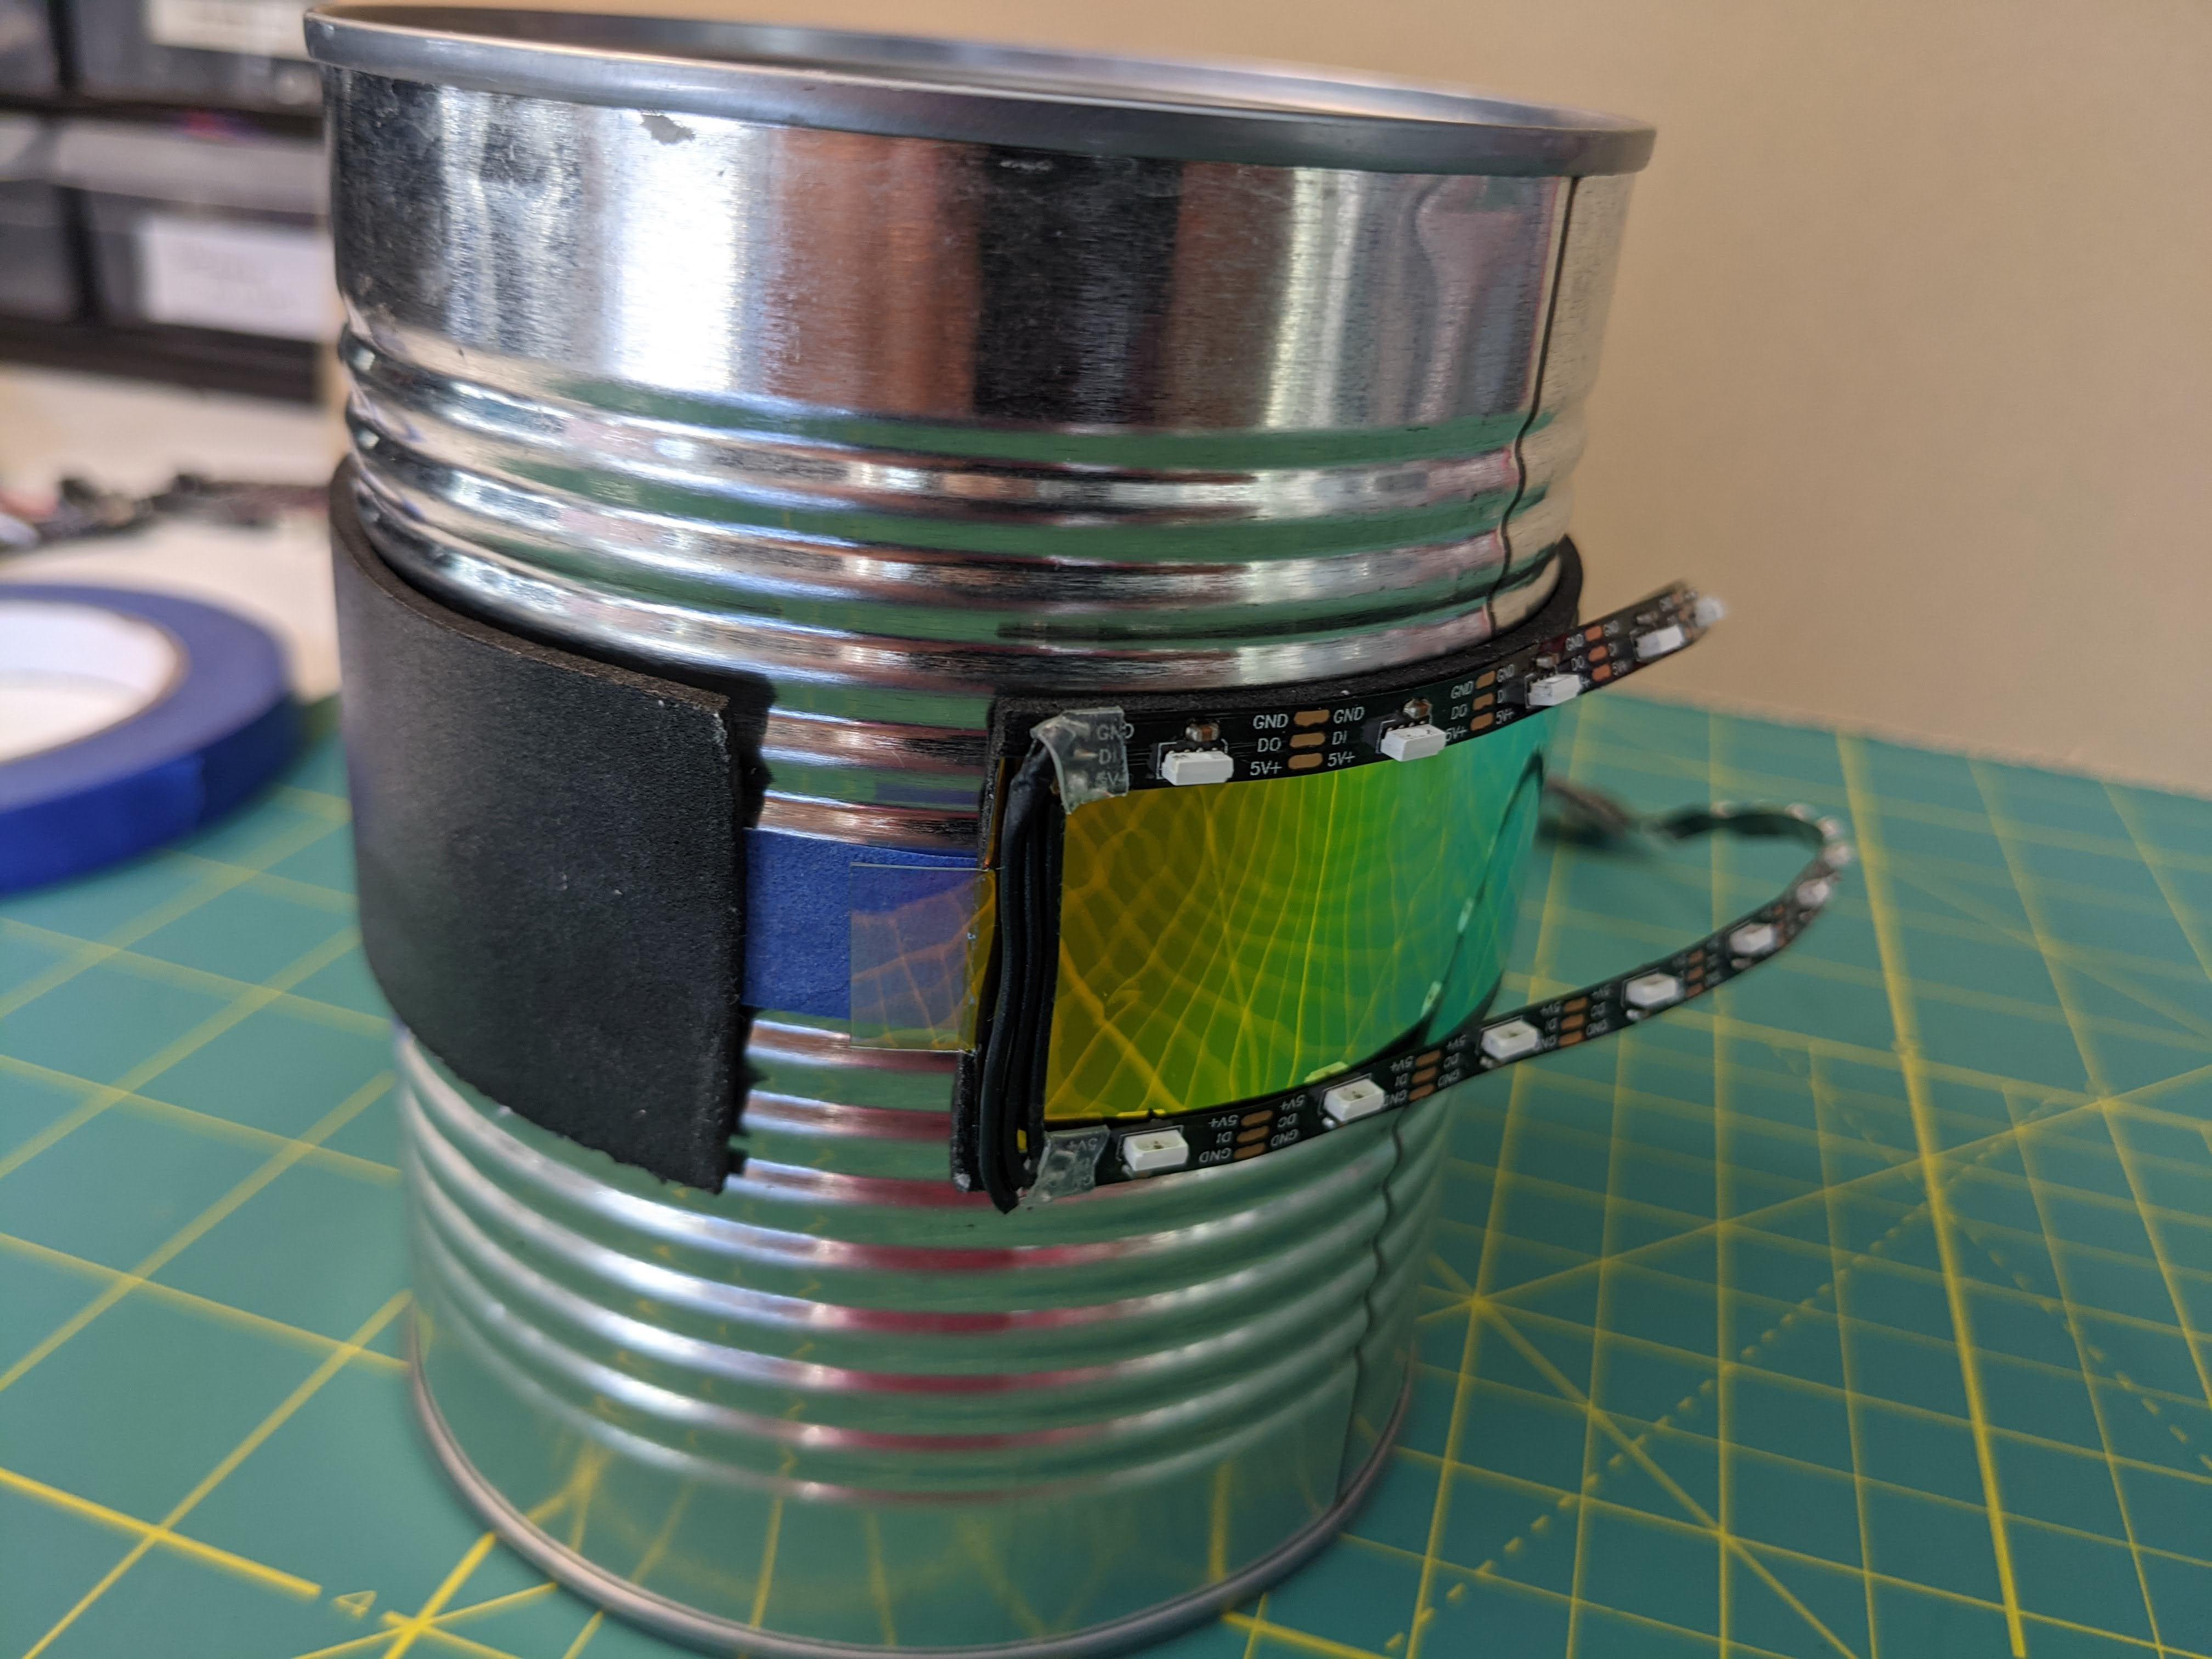 led_strips_PXL_20210125_192658729.jpg